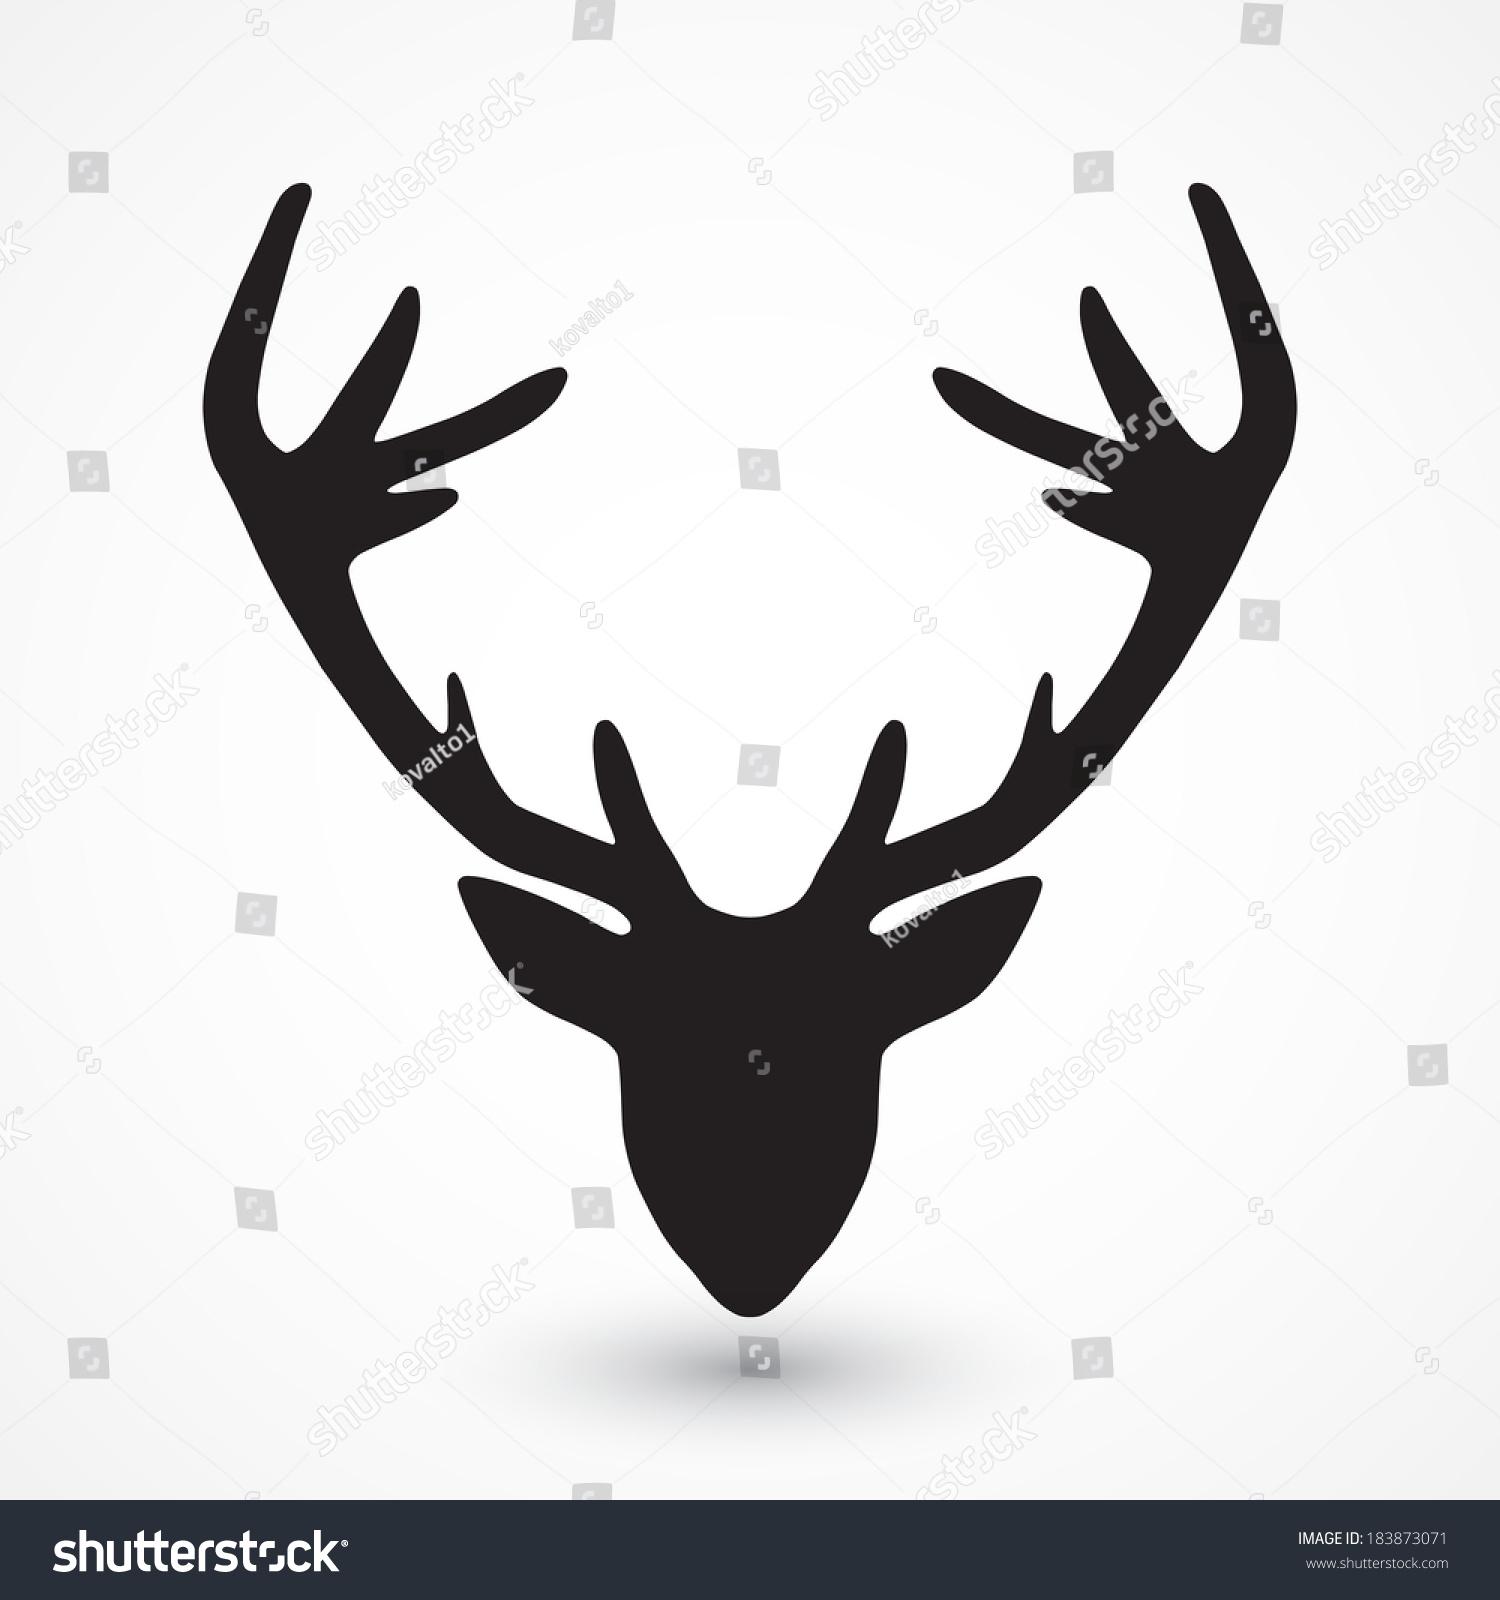 鹿头影-动物/野生生物,符号/标志-海洛创意(hellorf)